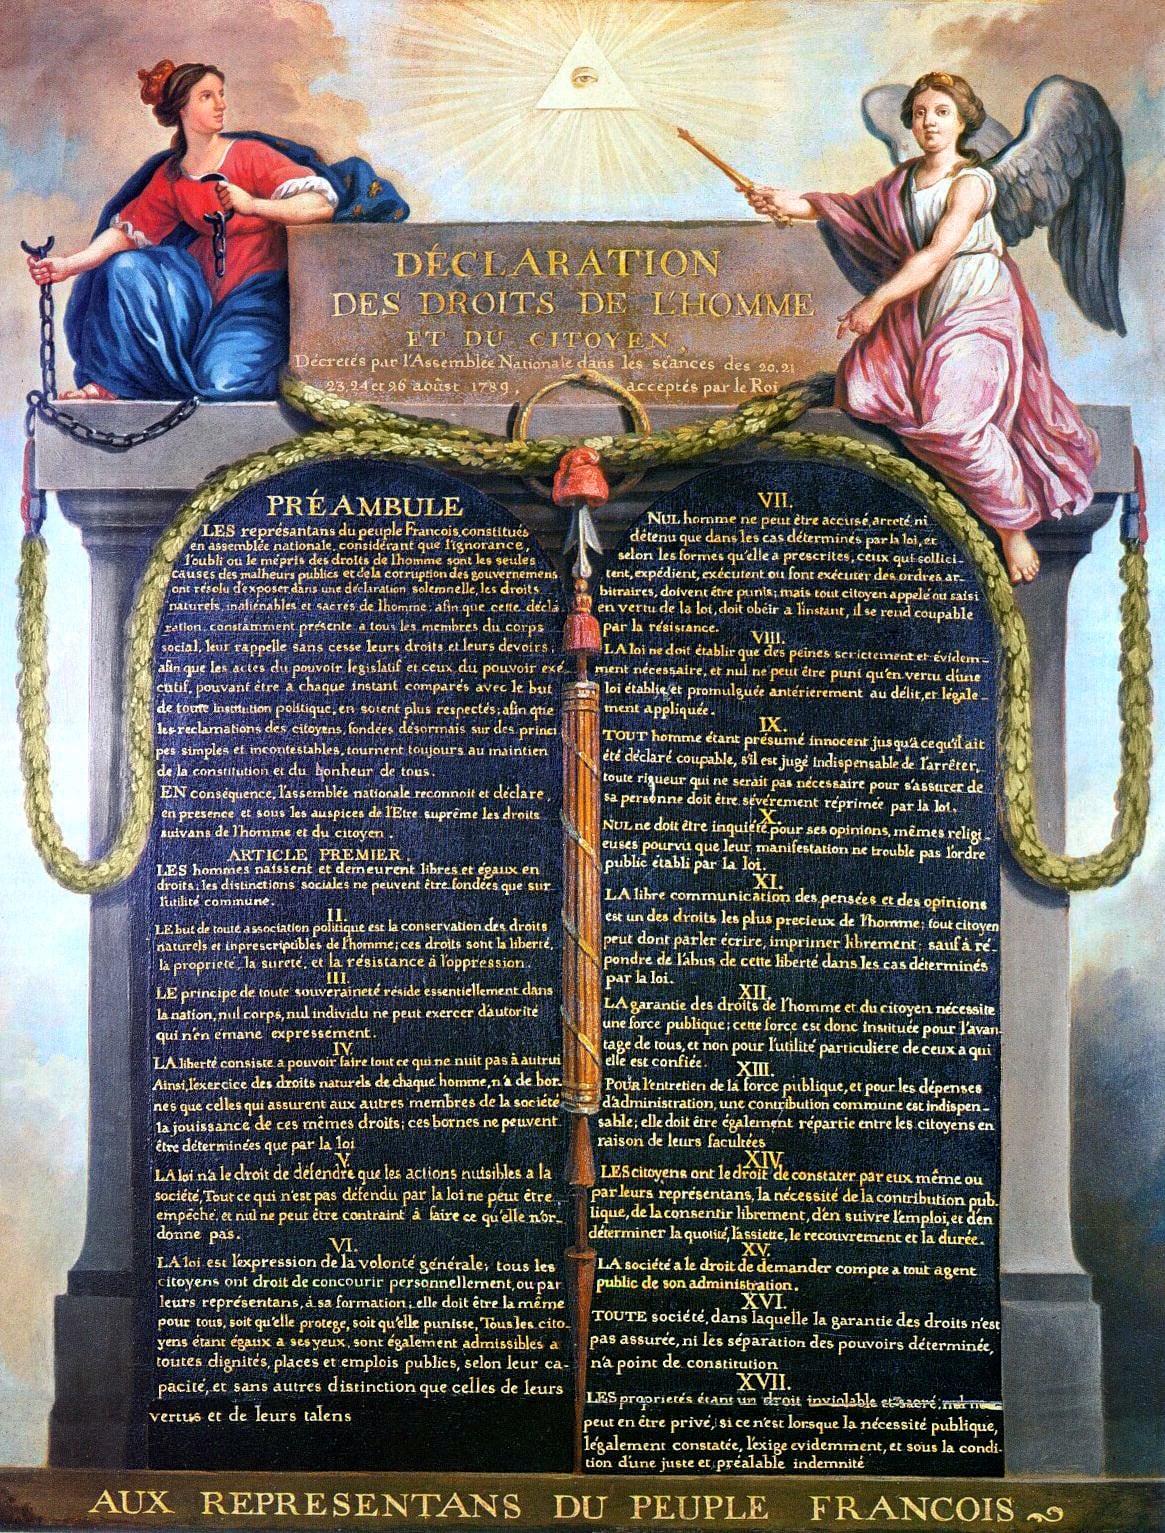 Erklæringen om menneskenes og borgernes rettigheter fra 1789. Denne erklæringen var verdens første generelle erklæring om alle menneskers rettigheter. Dessverre ble den satt til side allerede under jakobinernes terrovelde 1793-94.